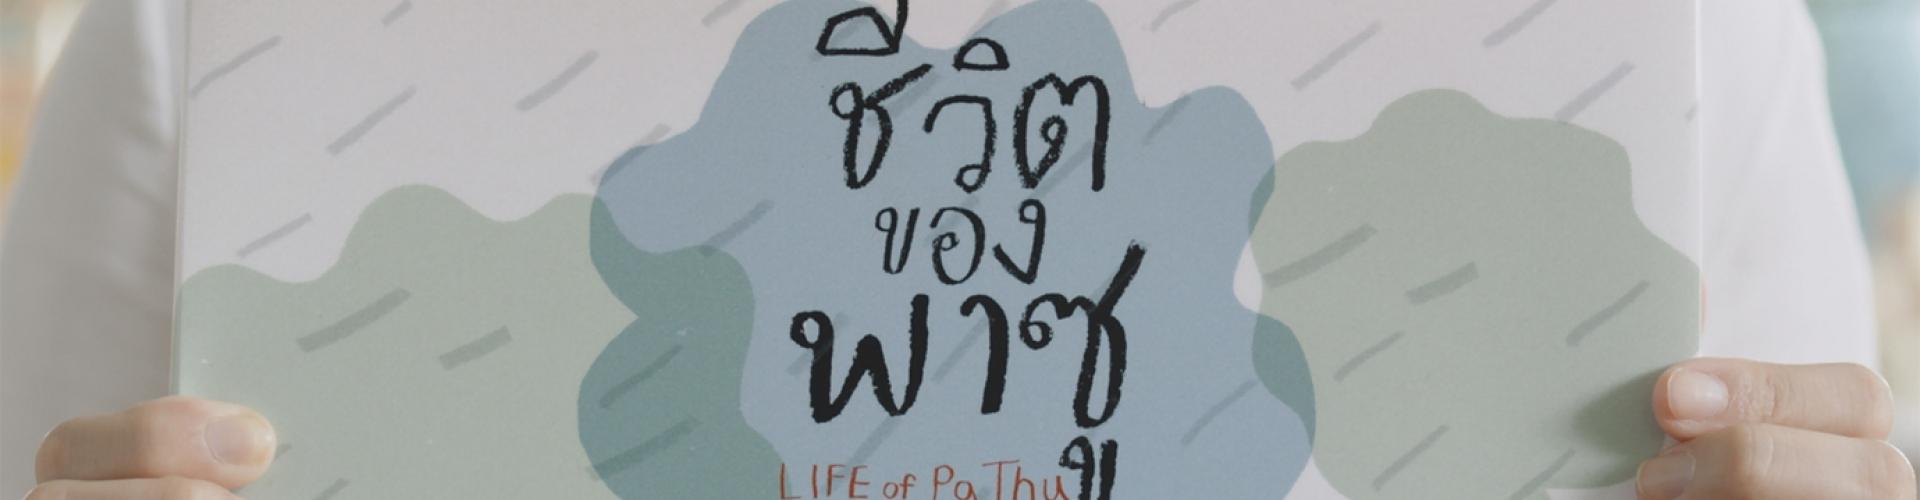 """นิทาน """"ชีวิตของพาซู"""" เรื่องราวของเด็กผู้ลี้ภัย ที่จะให้คุณเข้าใจผู้ลี้ภัยในประเทศไทยมากยิ่งขึ้น"""